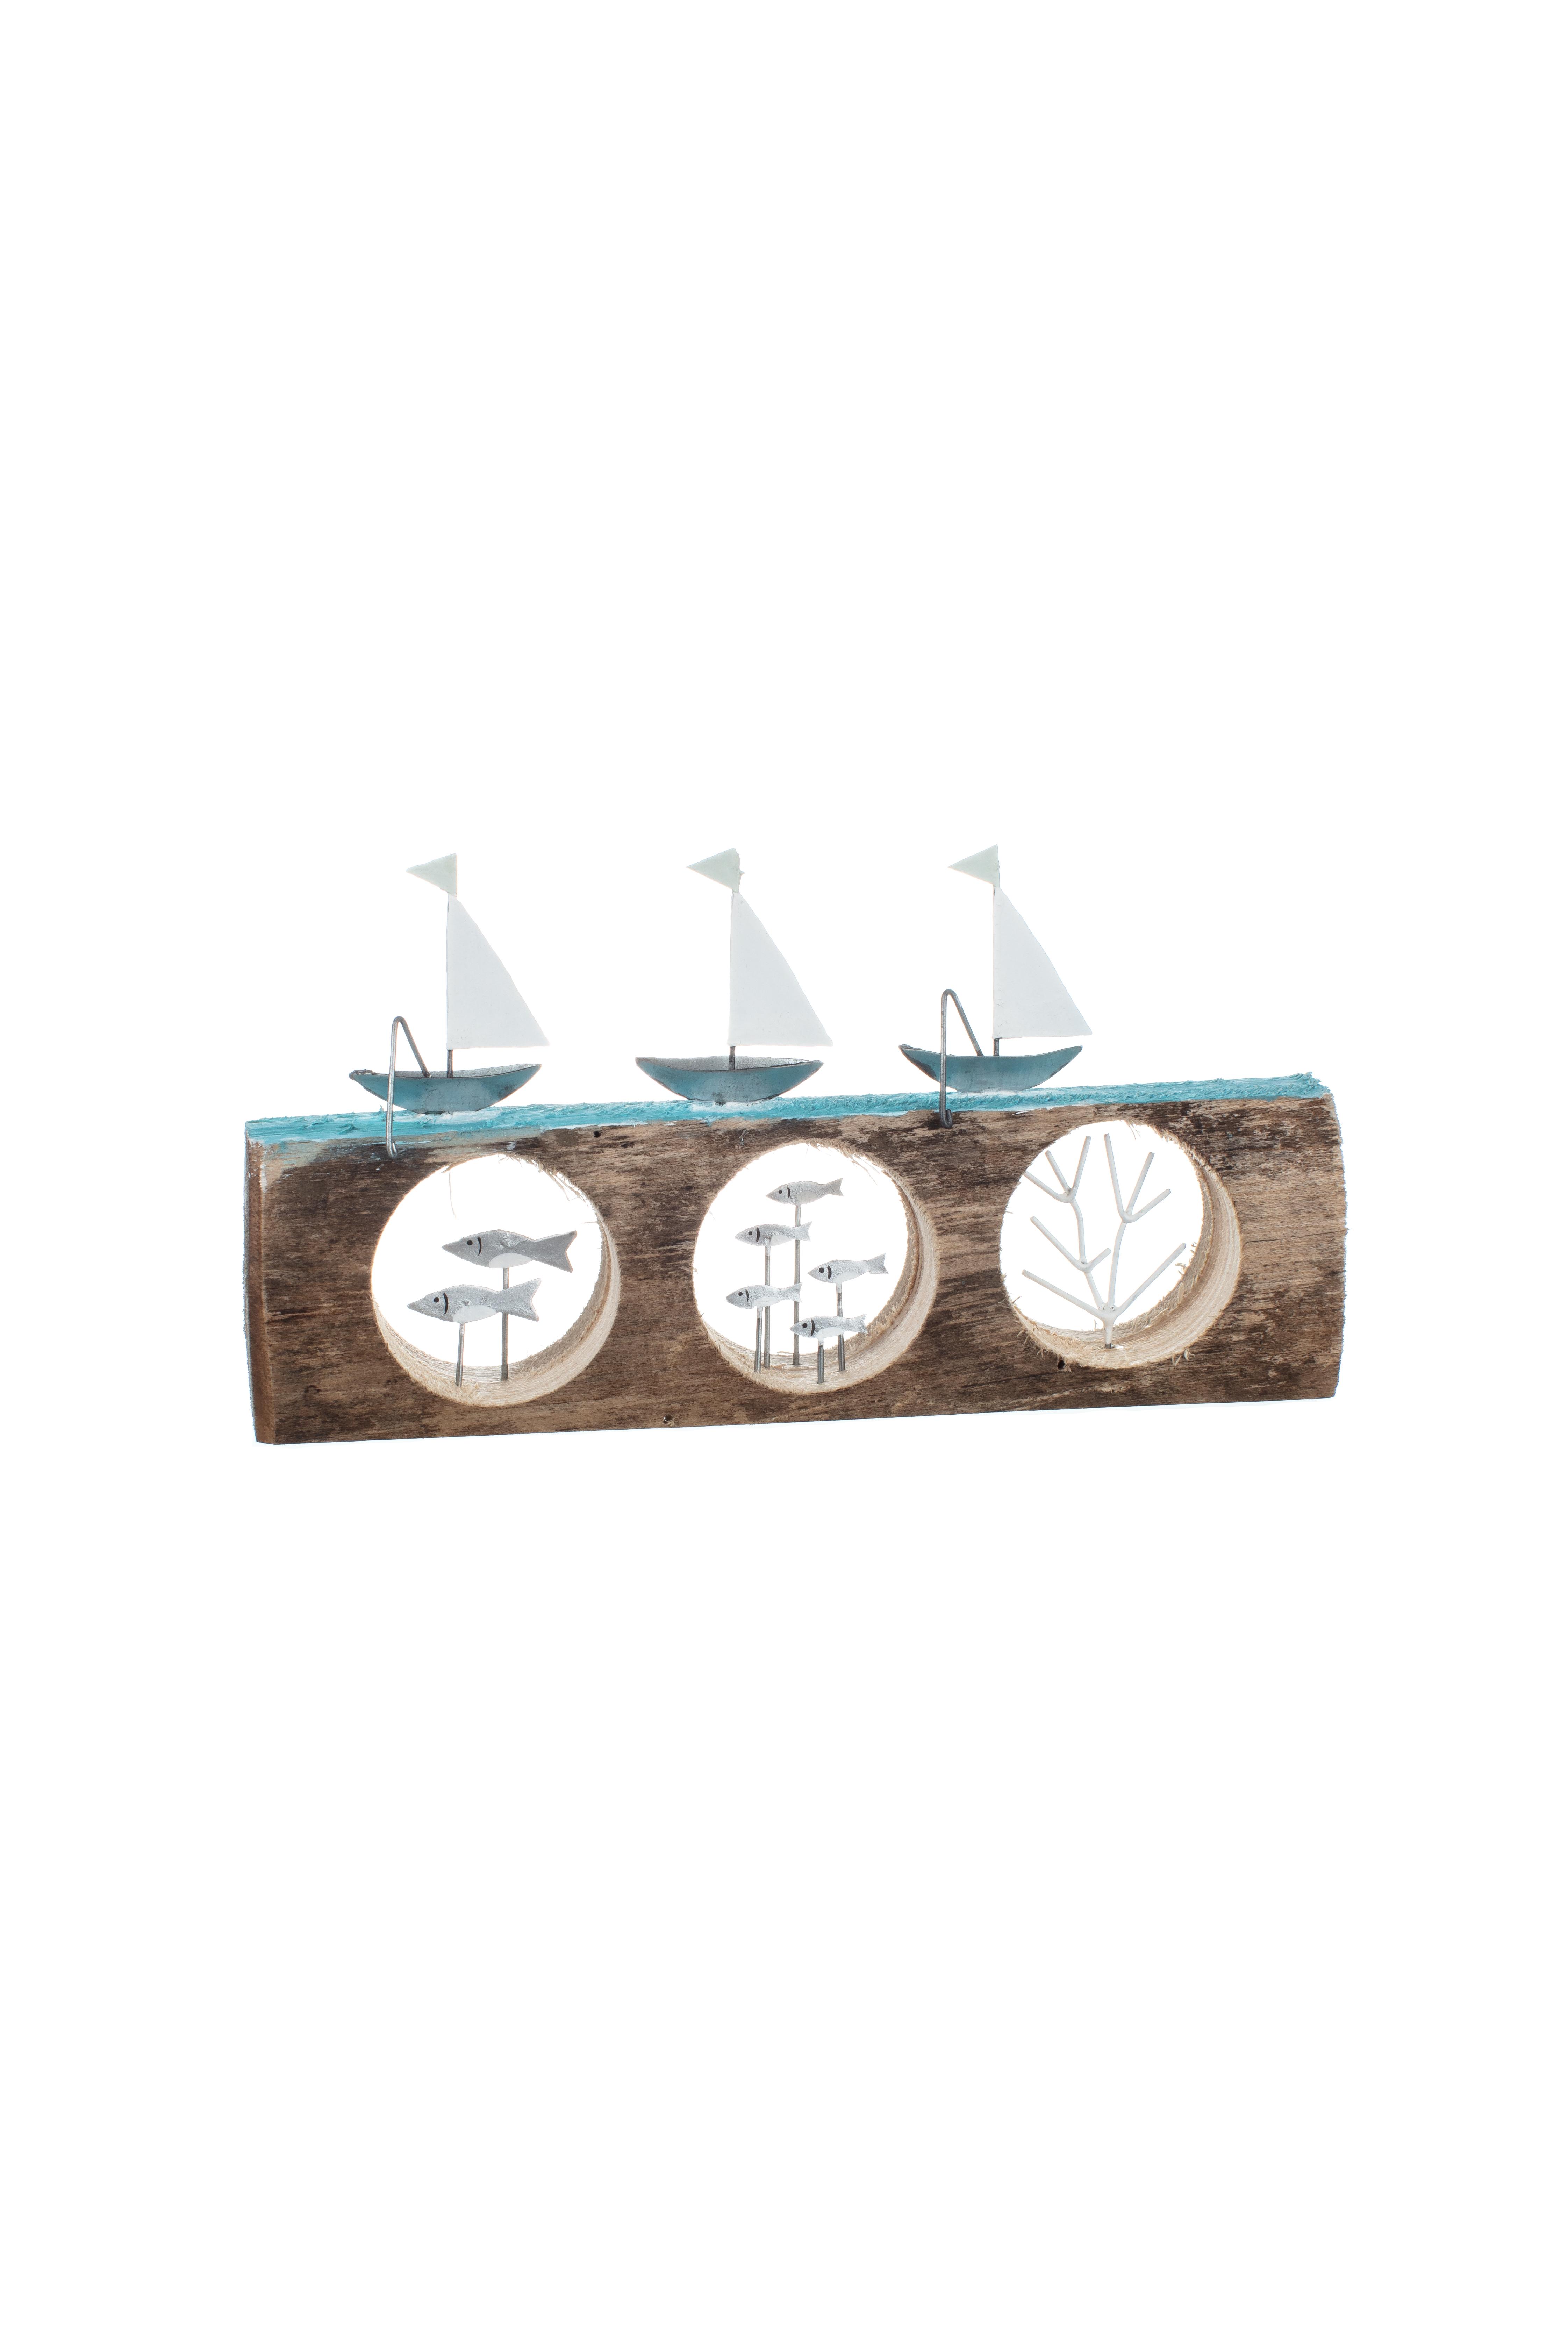 Three Yachts on Driftwood Portholes